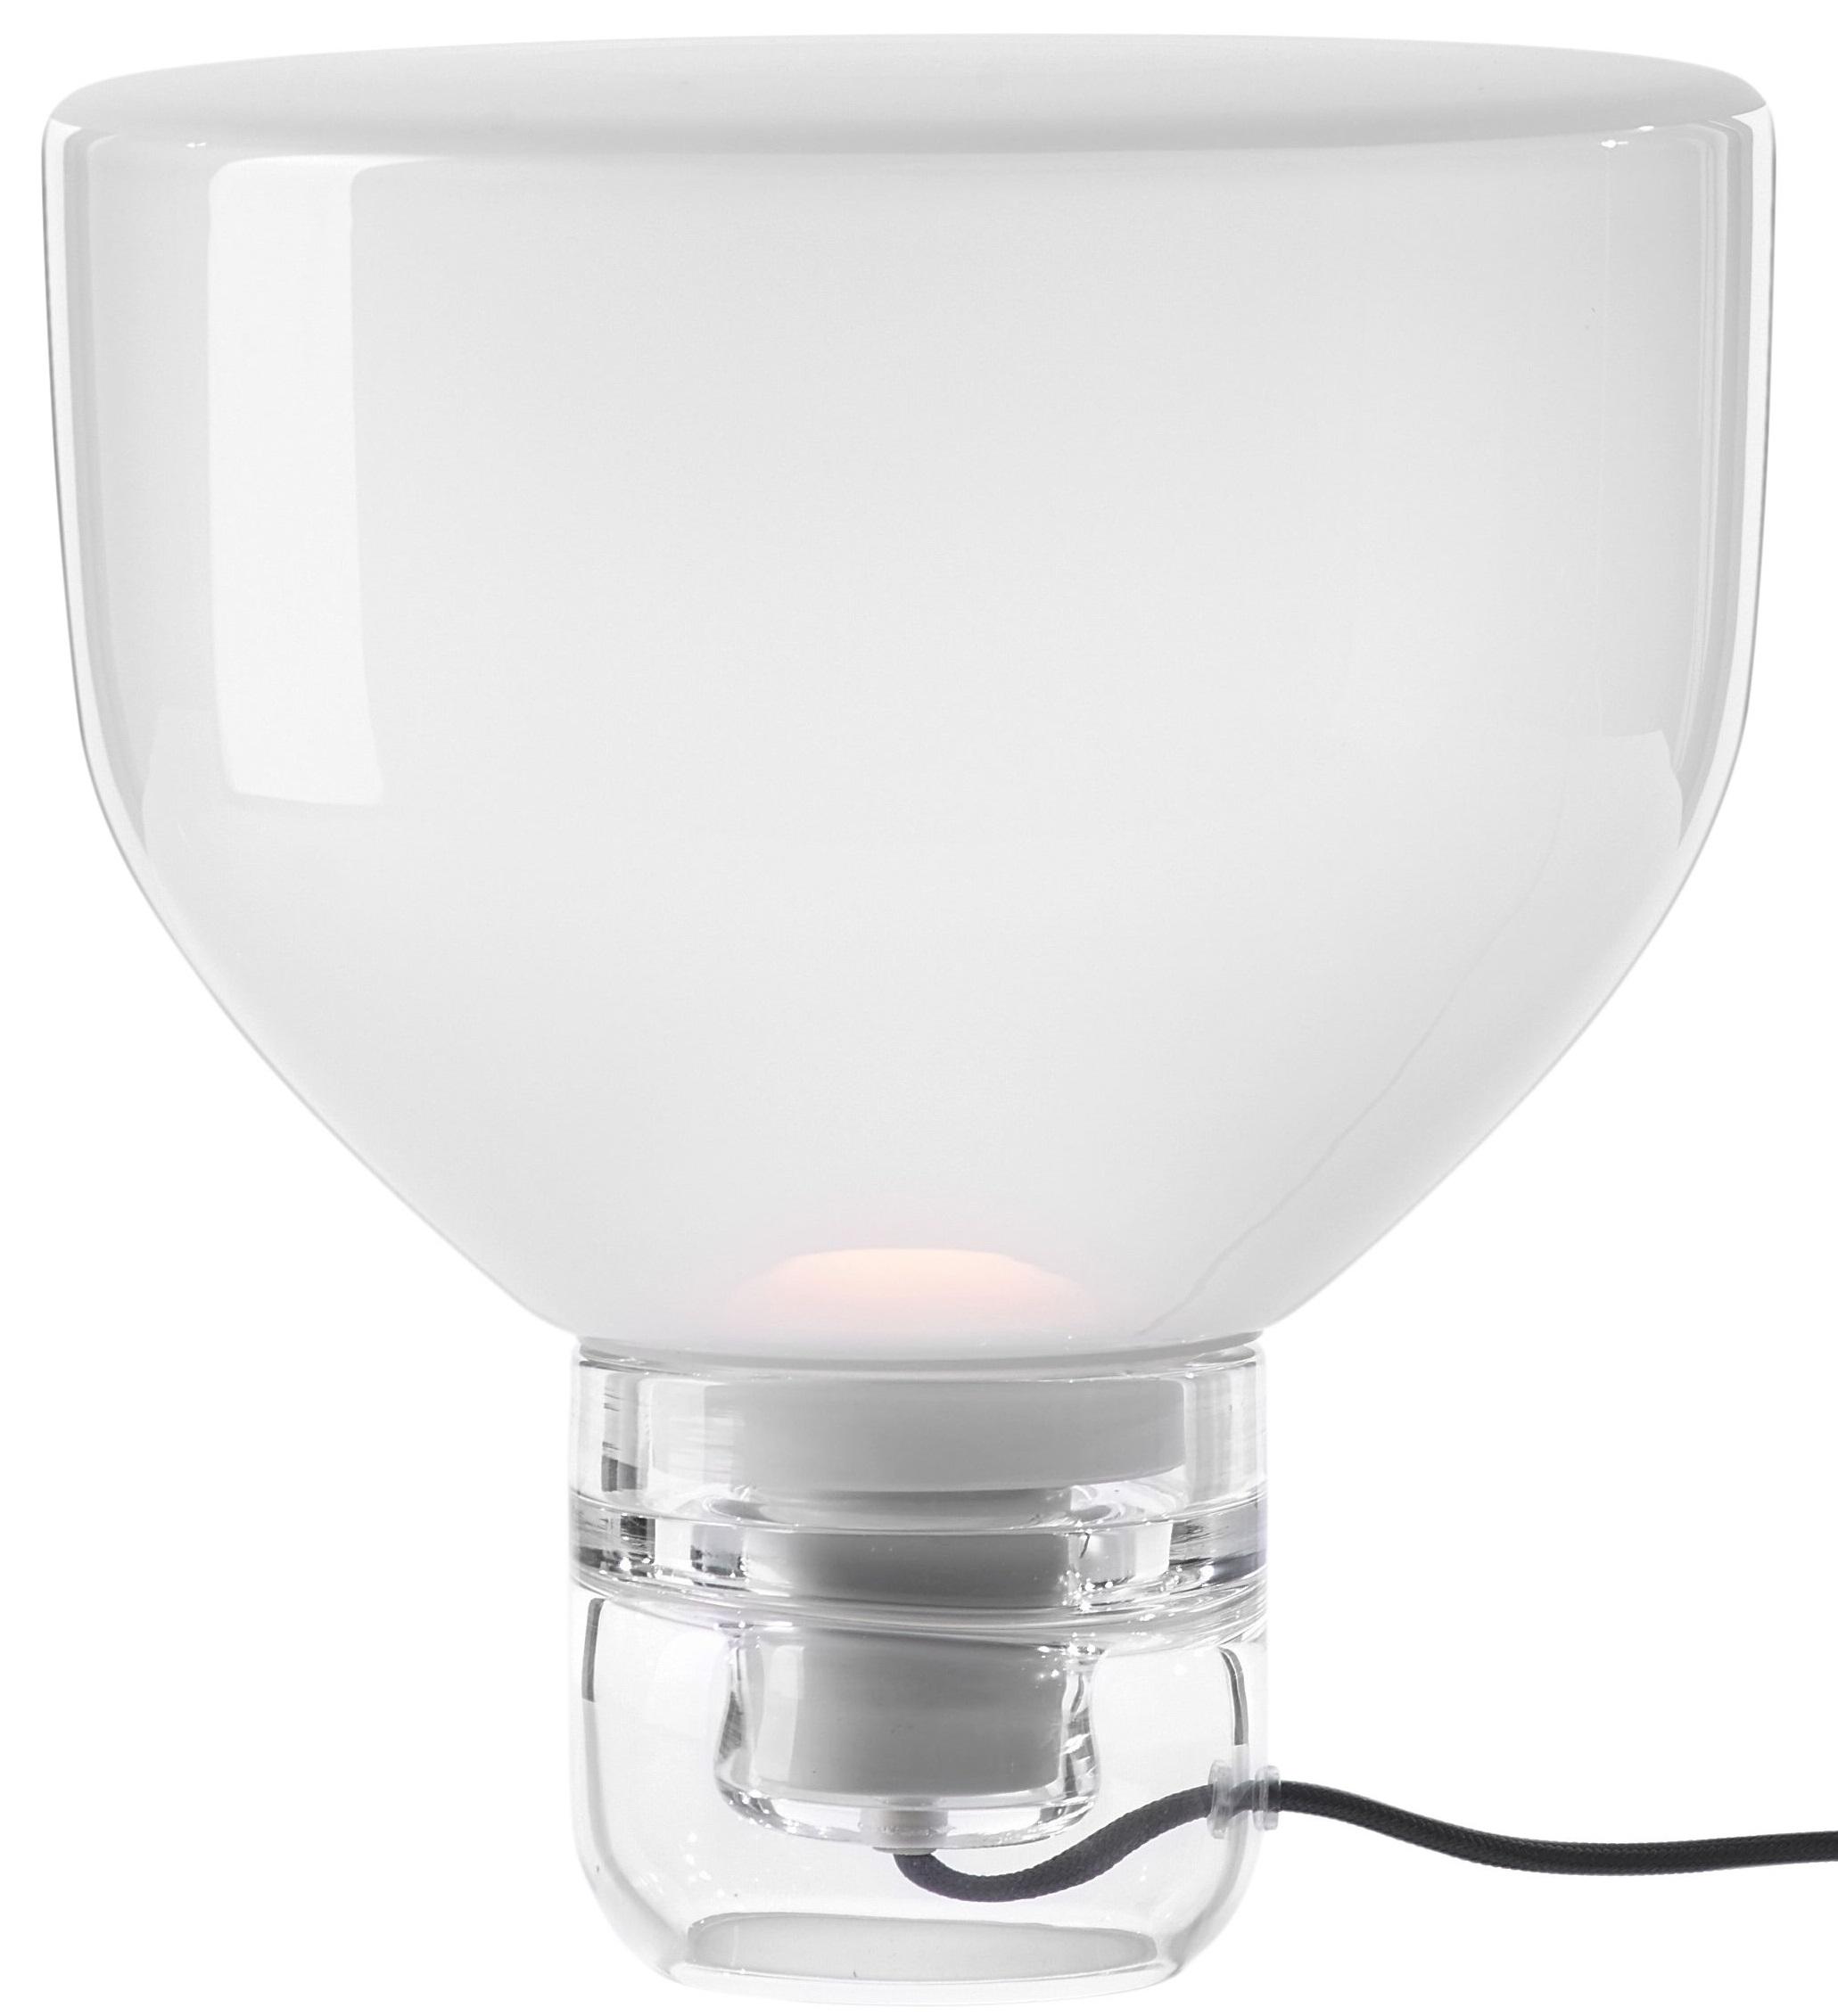 Lampe Exterieur Pour Tonnelle lightline brokis lampe de table - milia shop